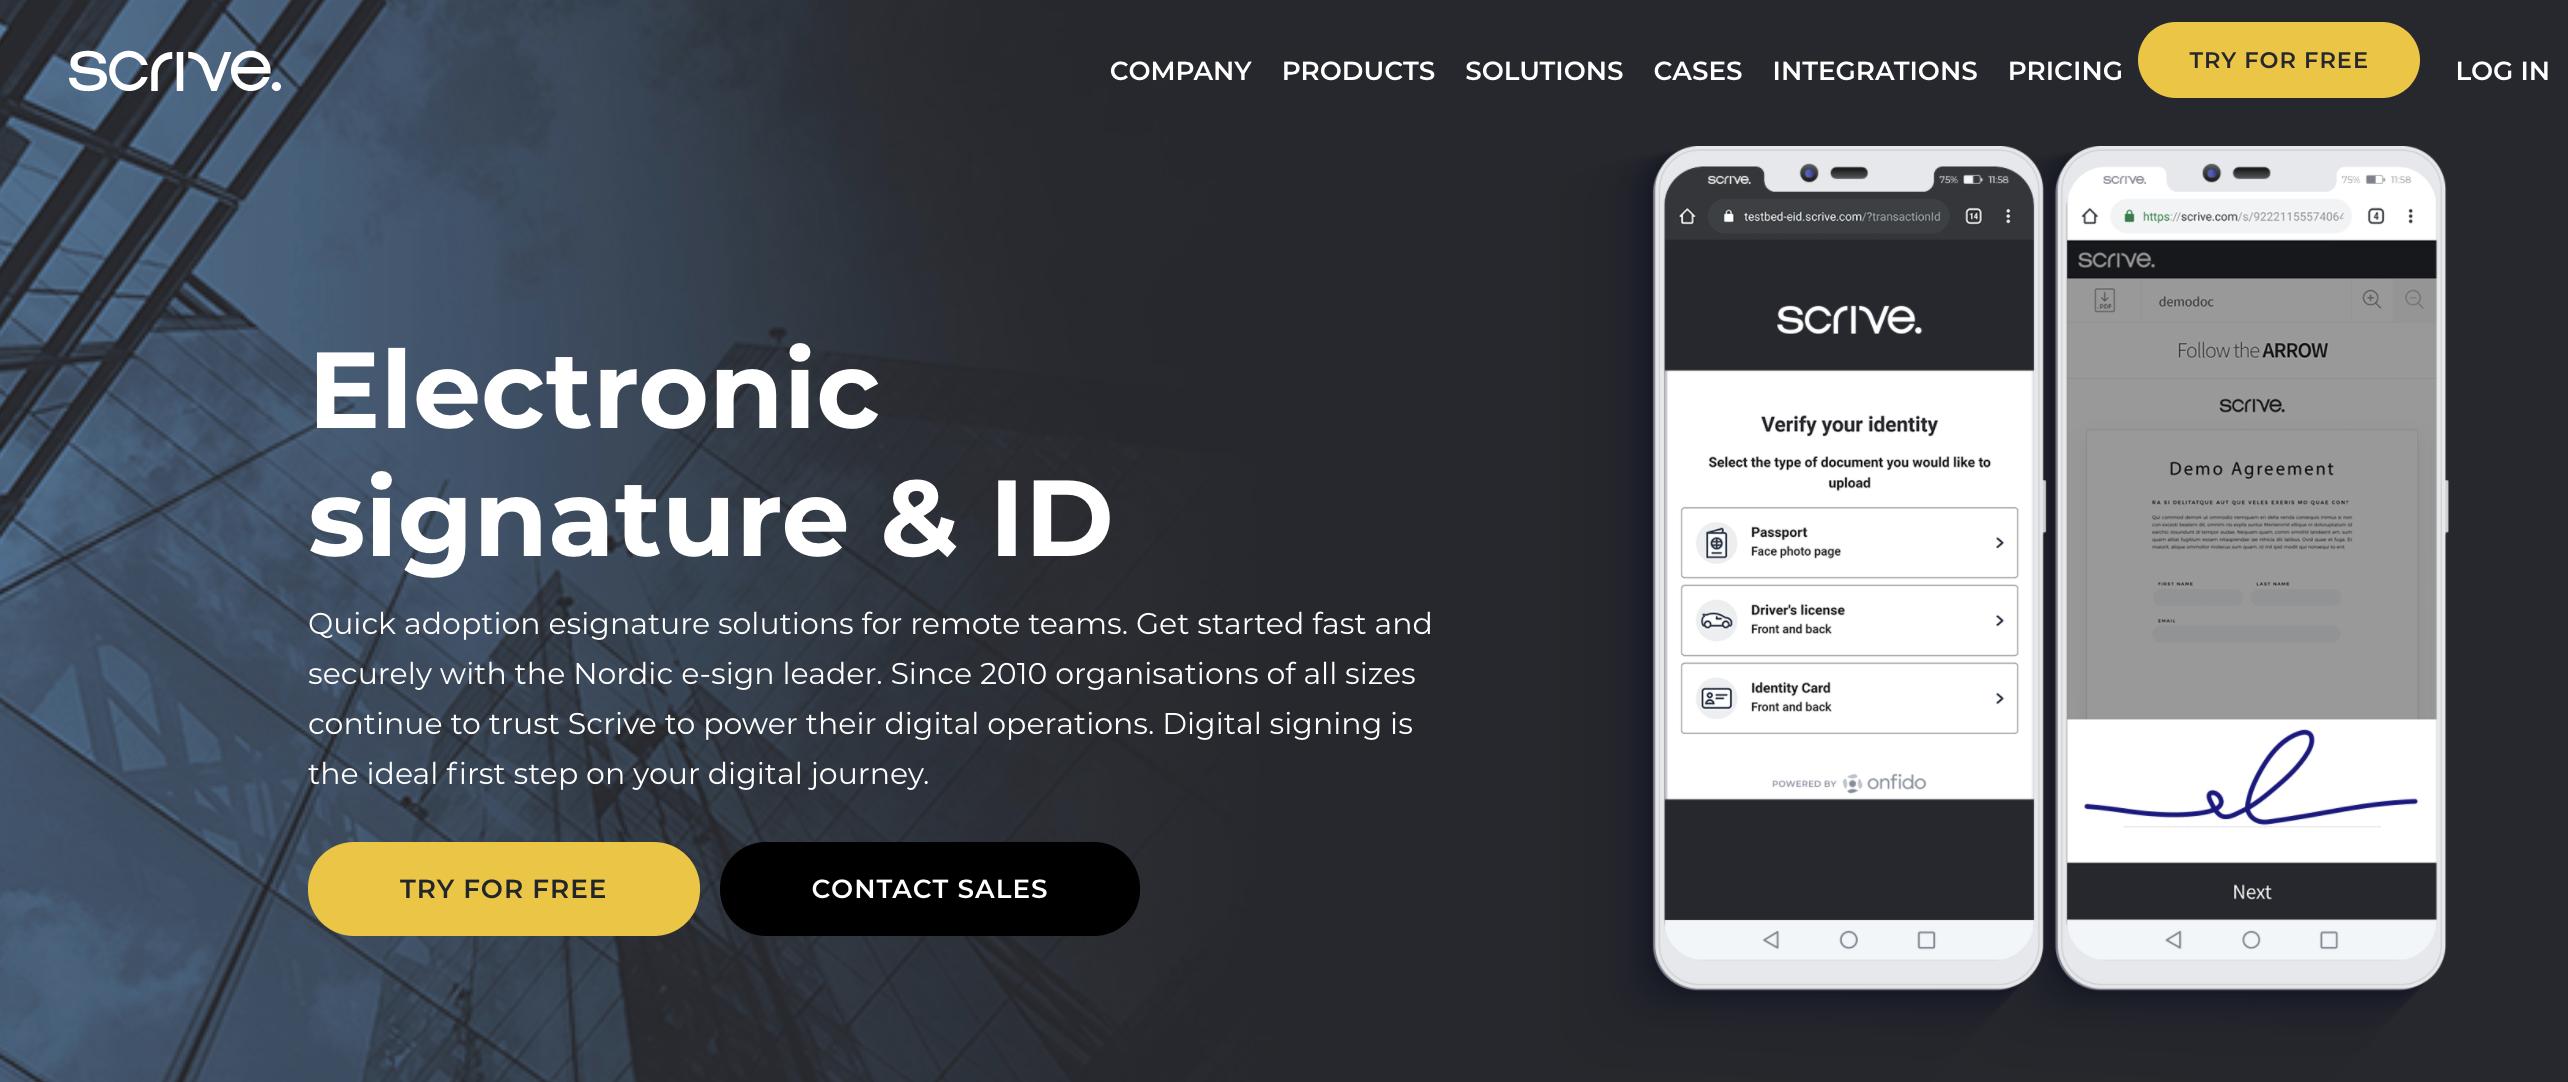 scrive electronic signature app